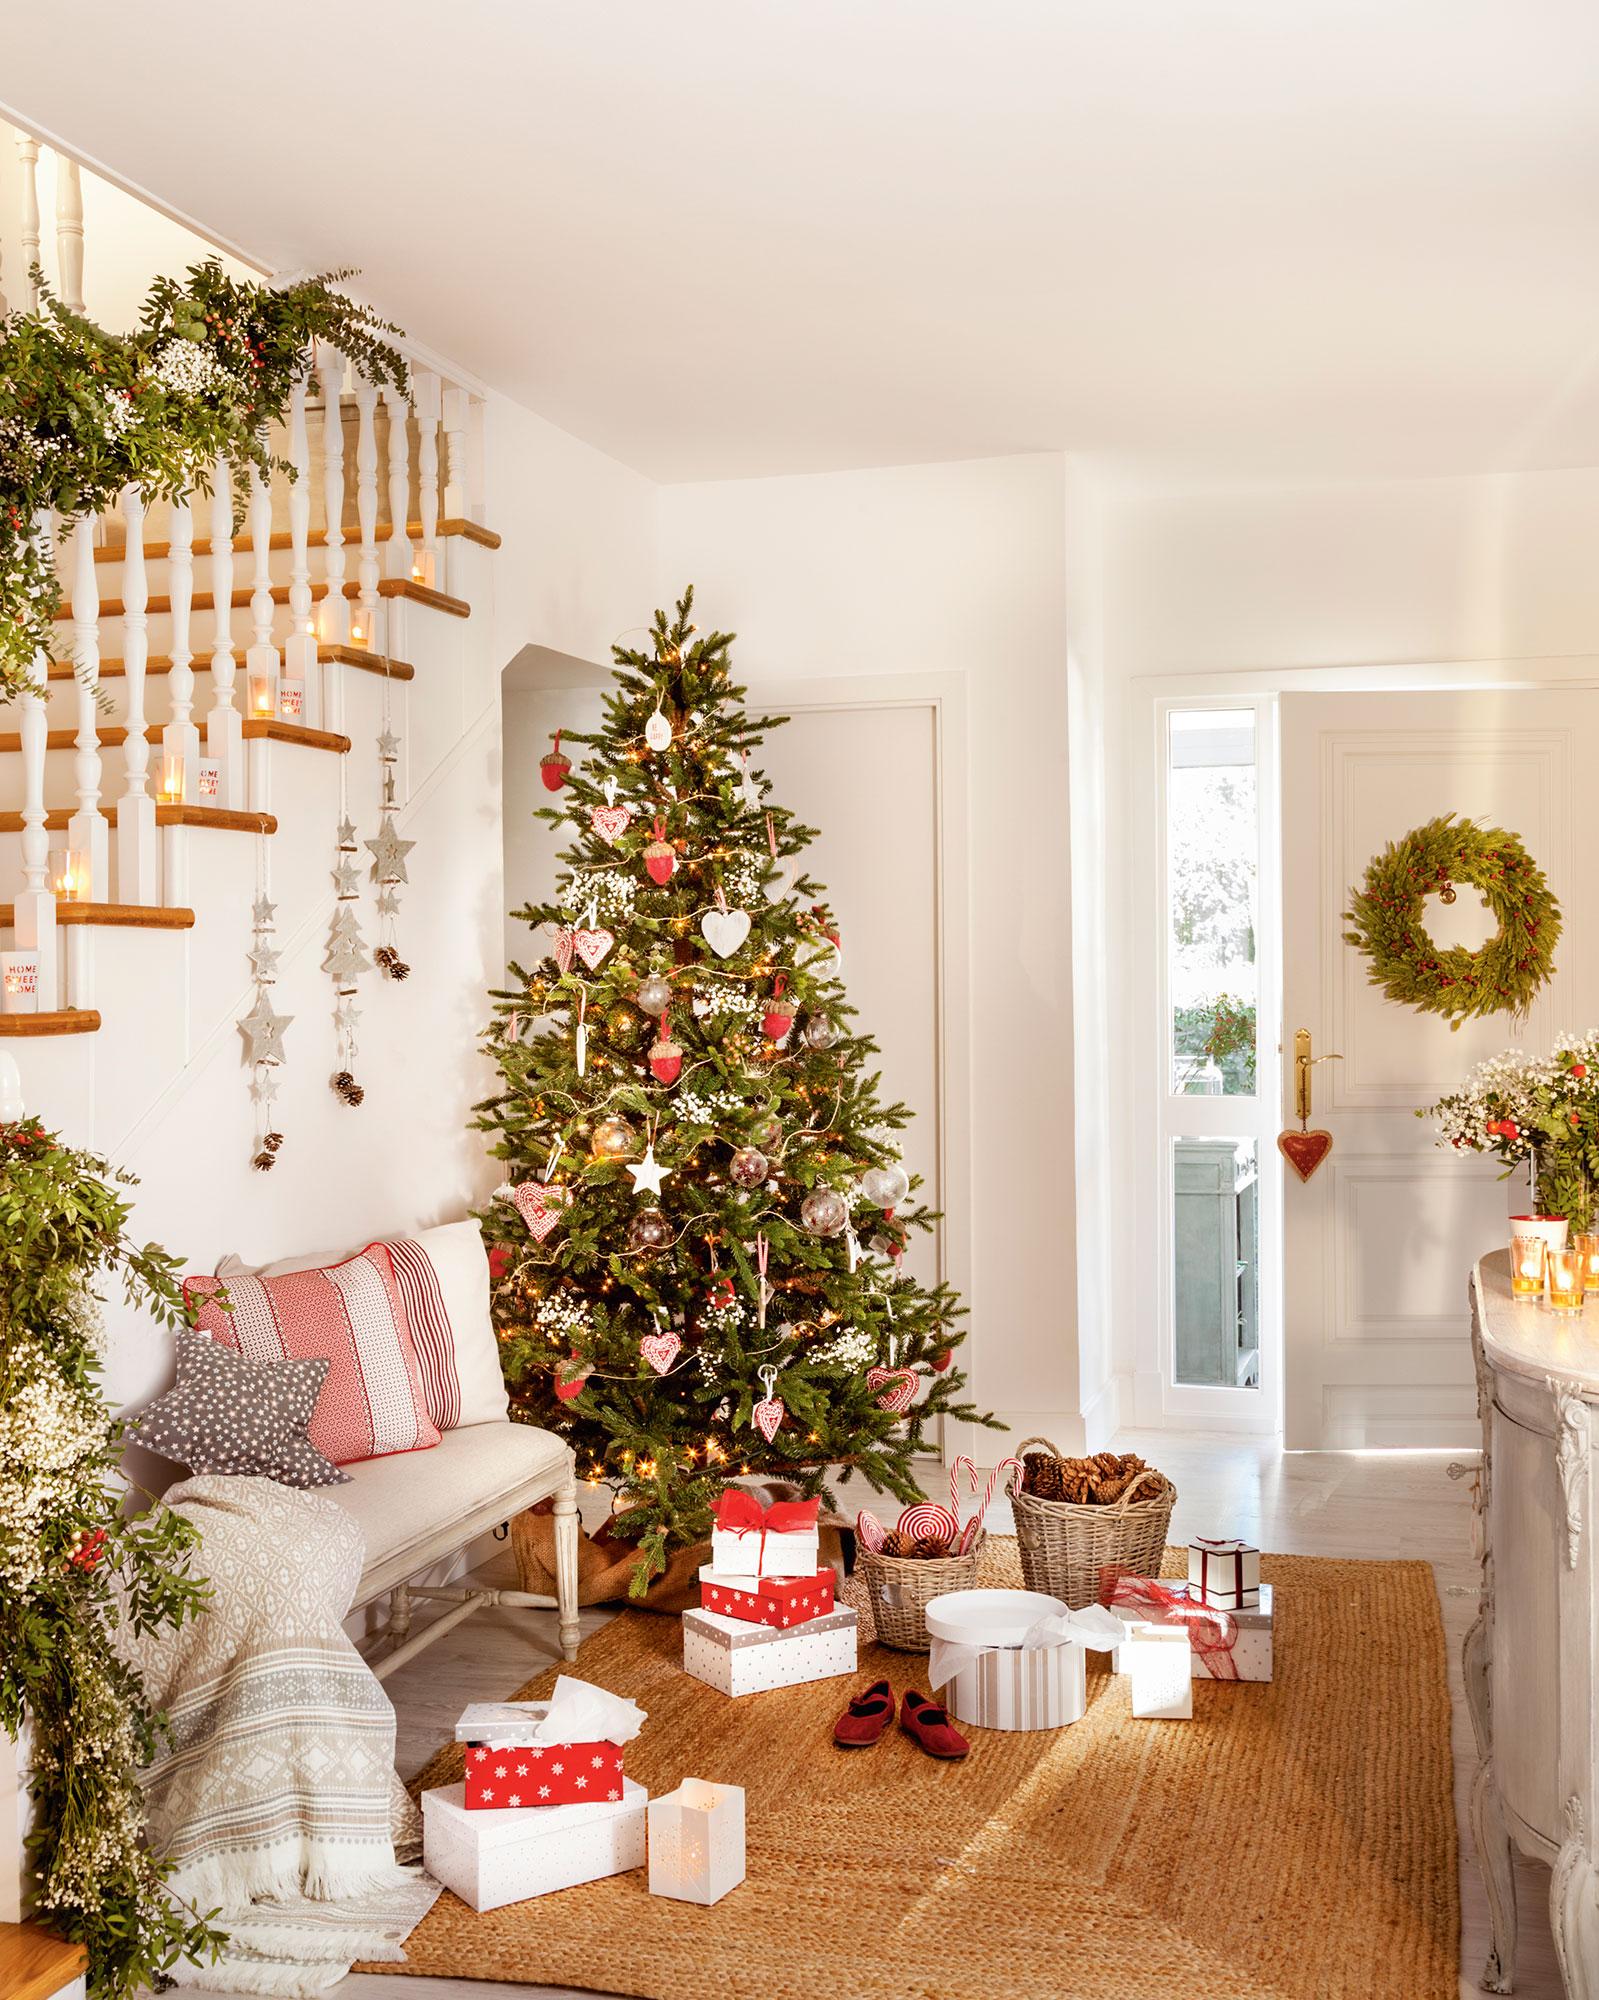 826 fotos de navidad - Como hacer un arbol de navidad blanco ...